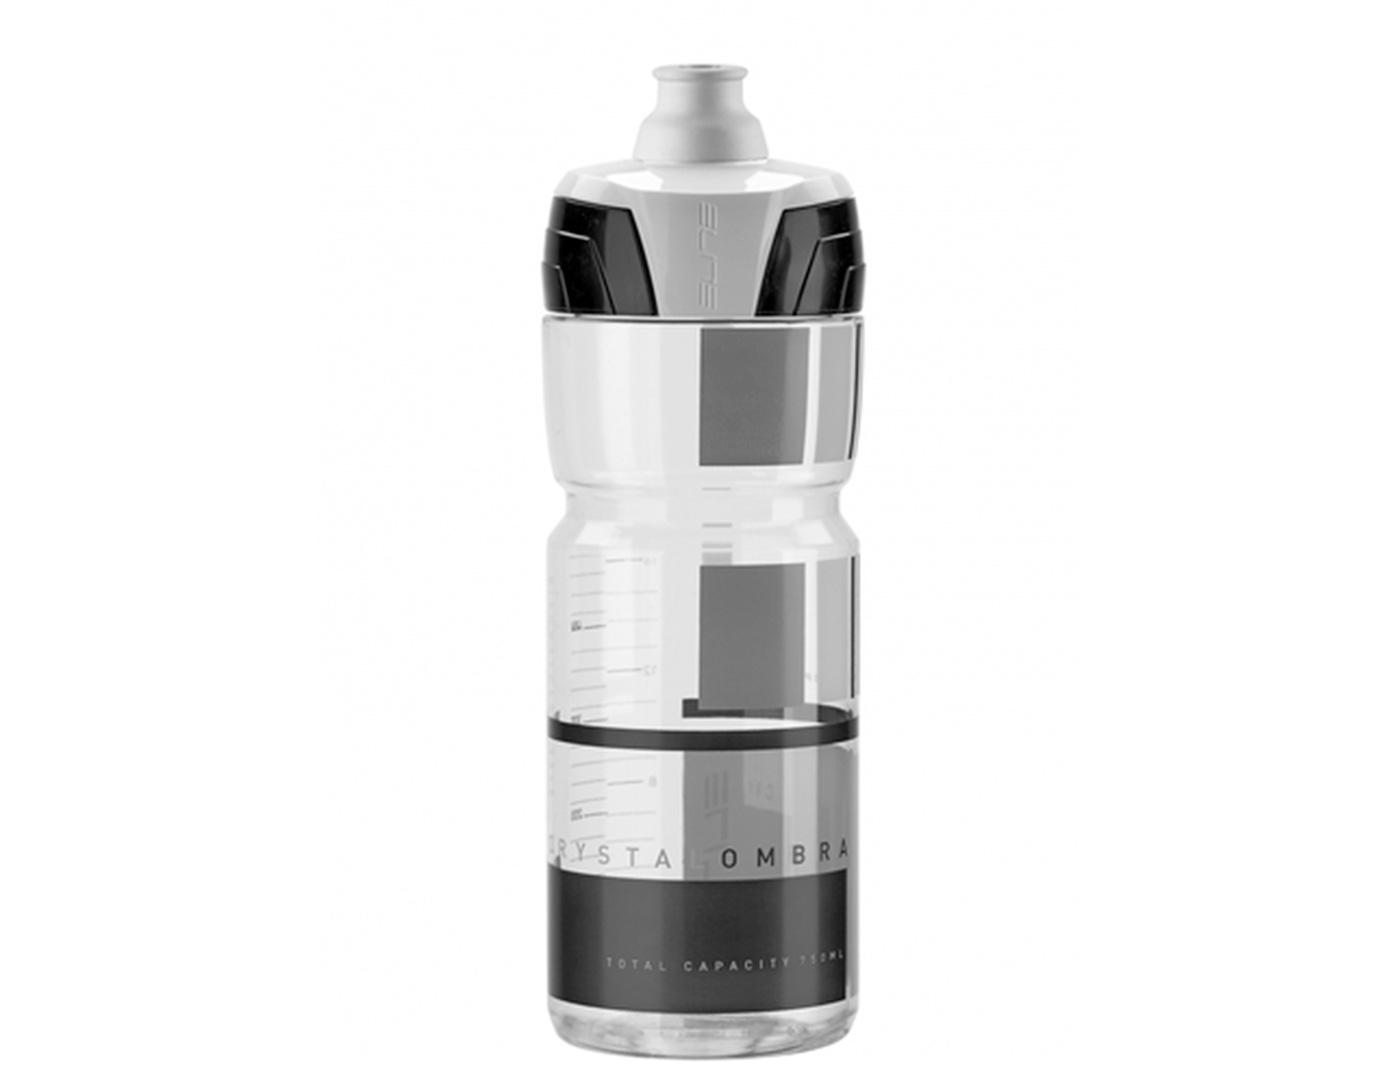 Фляга Elite, 750 мл Crystal Ombra, дымчатый, серый  рисунок